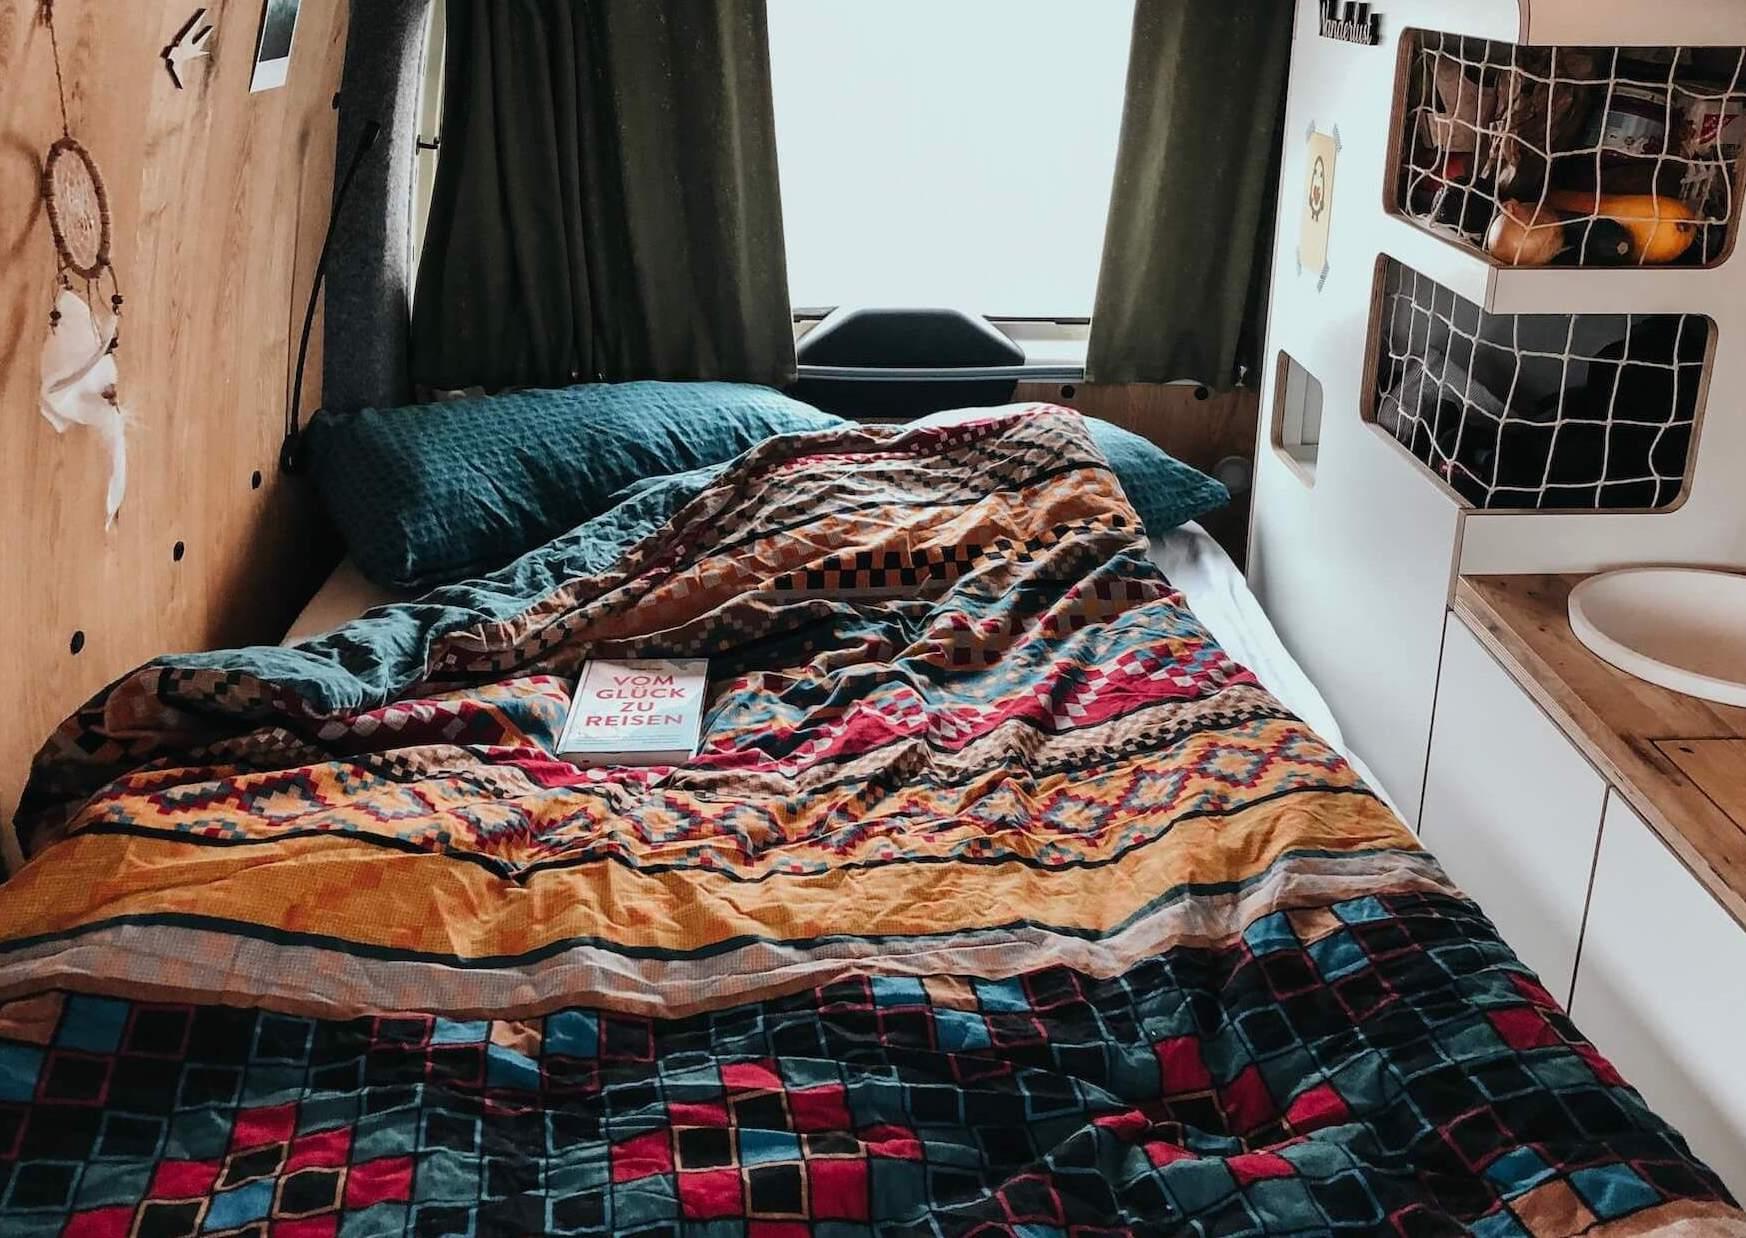 Vanlife im Camper von Vantopia Roadtrip ausgeklapptes Bett mit Bettdecke